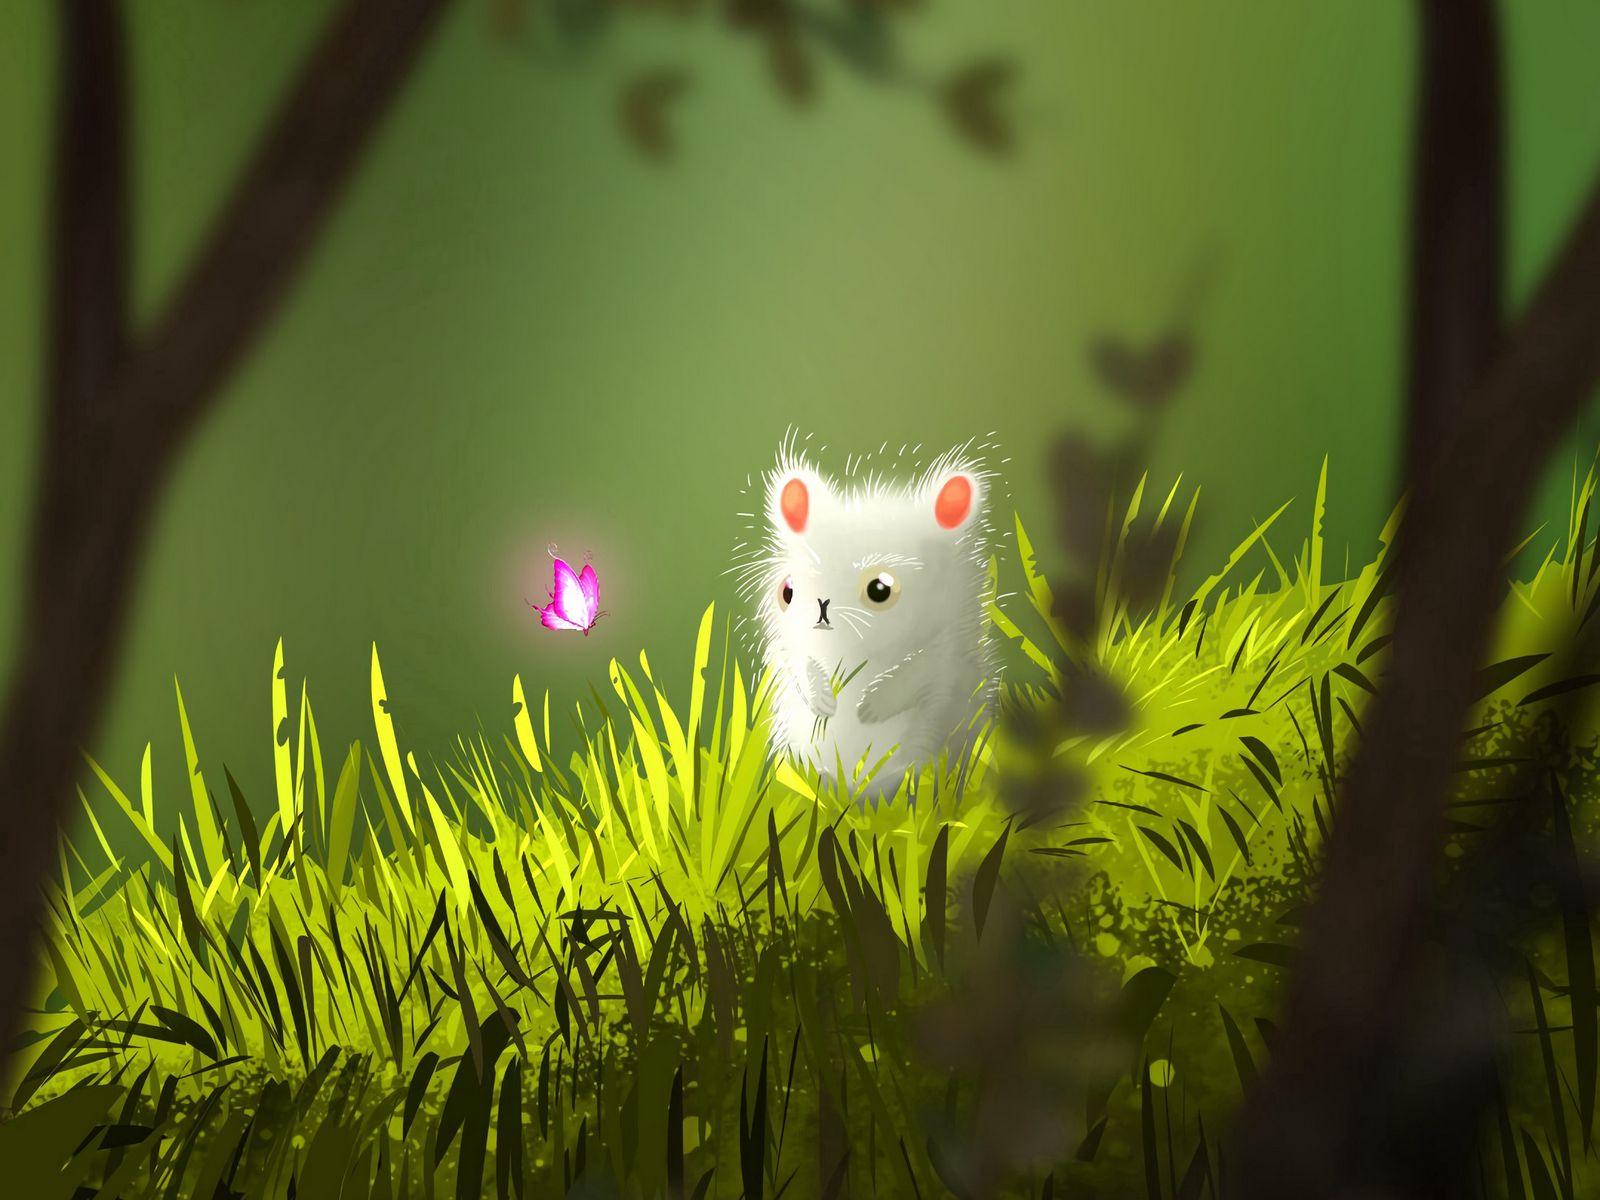 1600x1200 Wallpaper mouse, butterfly, cute, grass, art